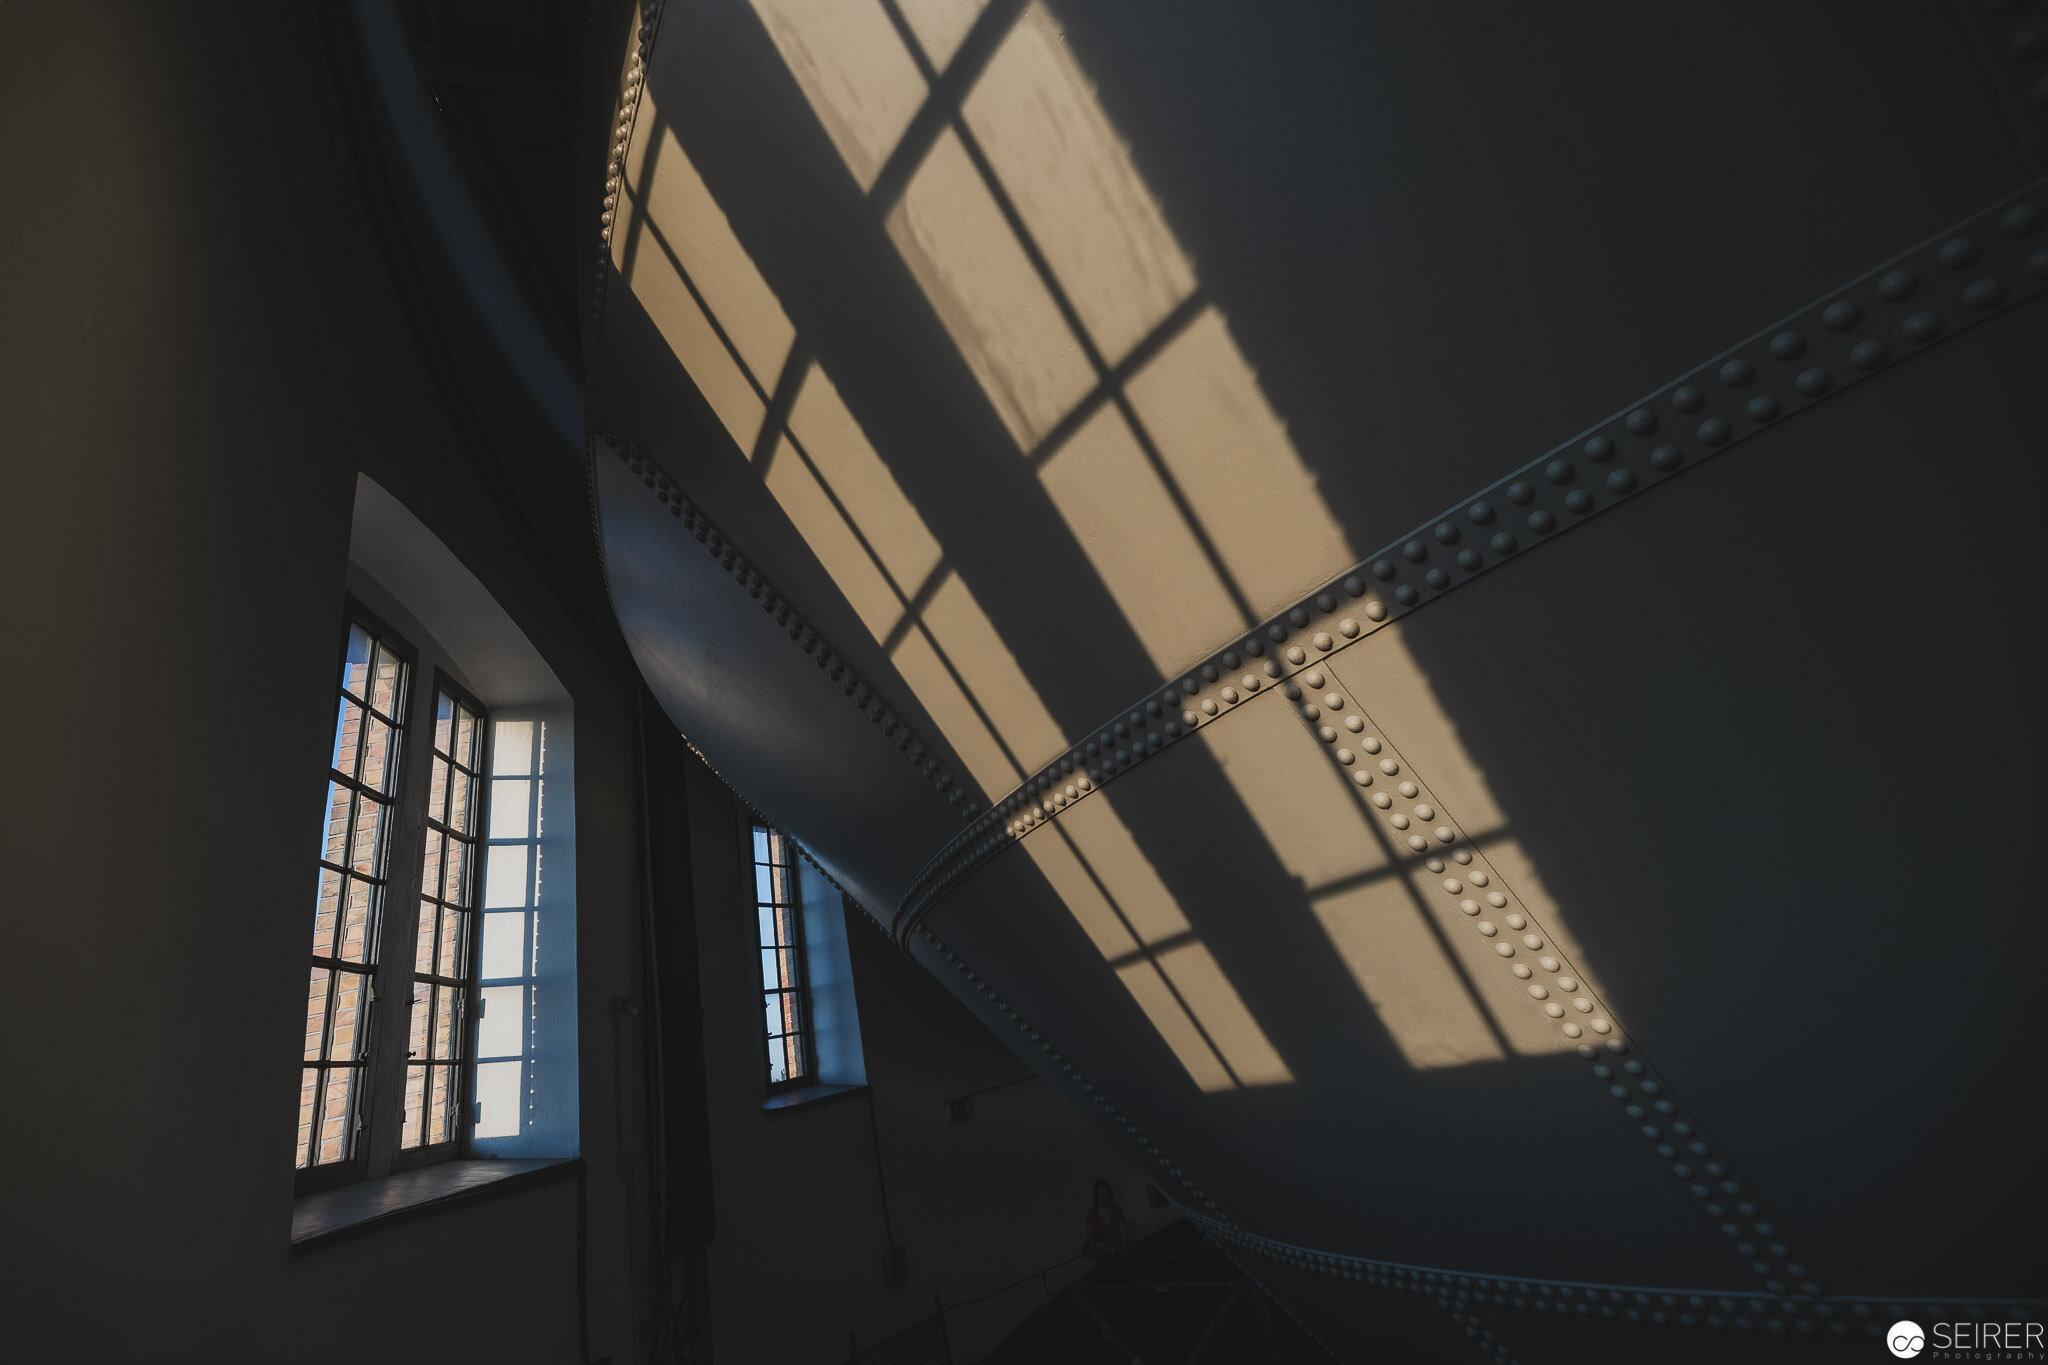 Der nahende Sonnenuntergang führt zu spannenden Schattenwürfen- Wasserturm Favoriten